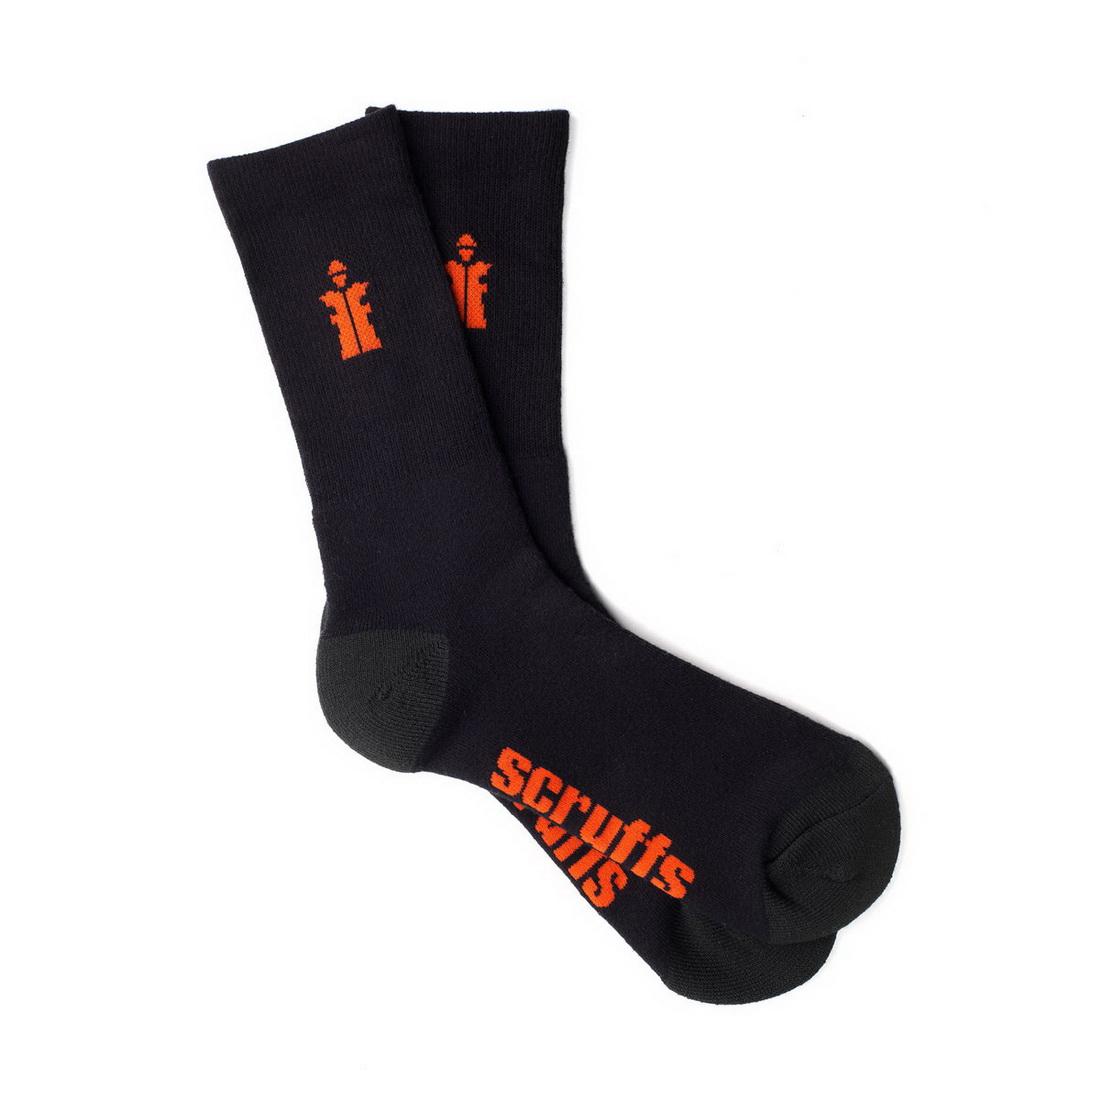 Worker Socks UK10-13 Black 3 Pack T53546